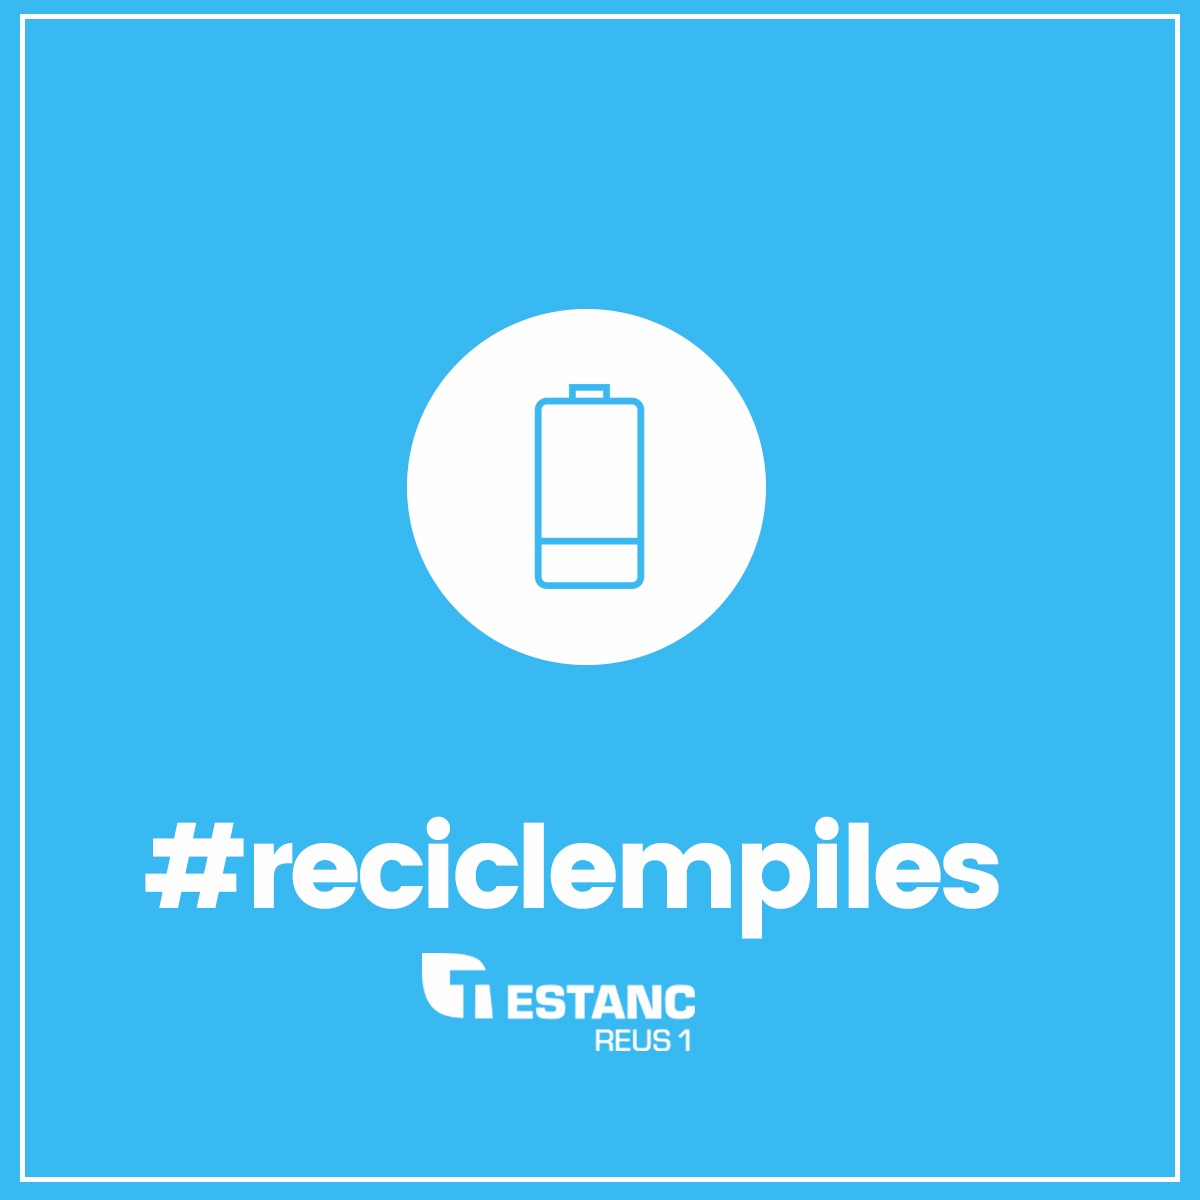 Reciclem piles